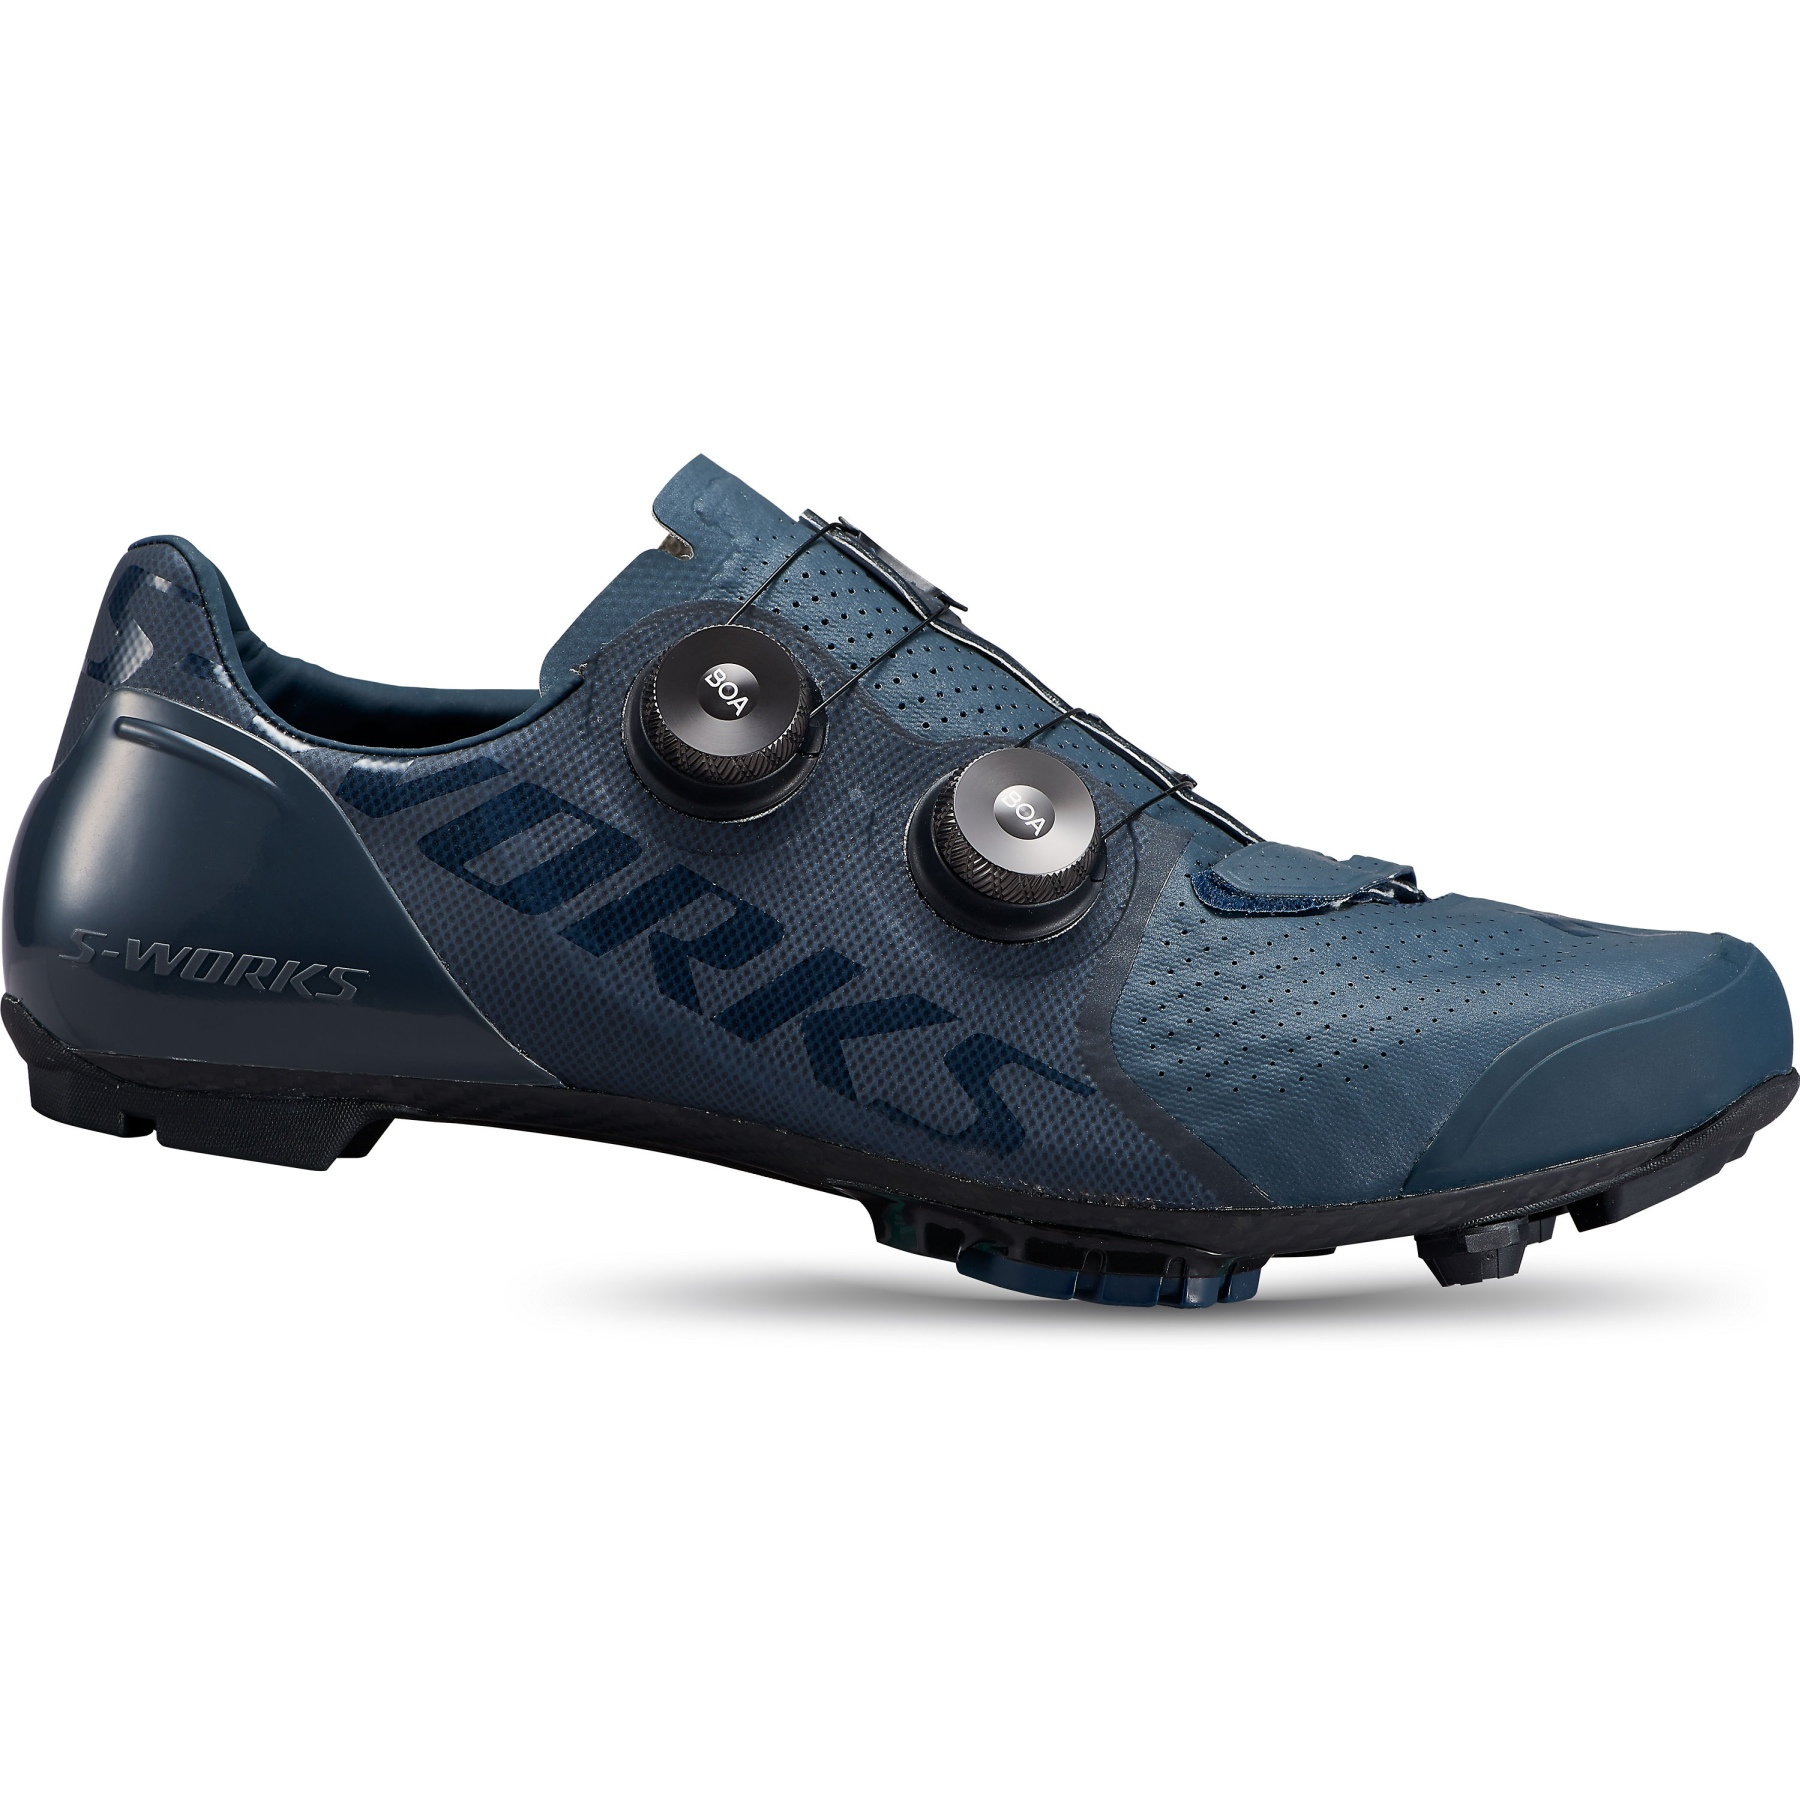 Produktbild von Specialized S-Works Recon MTB-Schuh - Cast Blue/Metallic